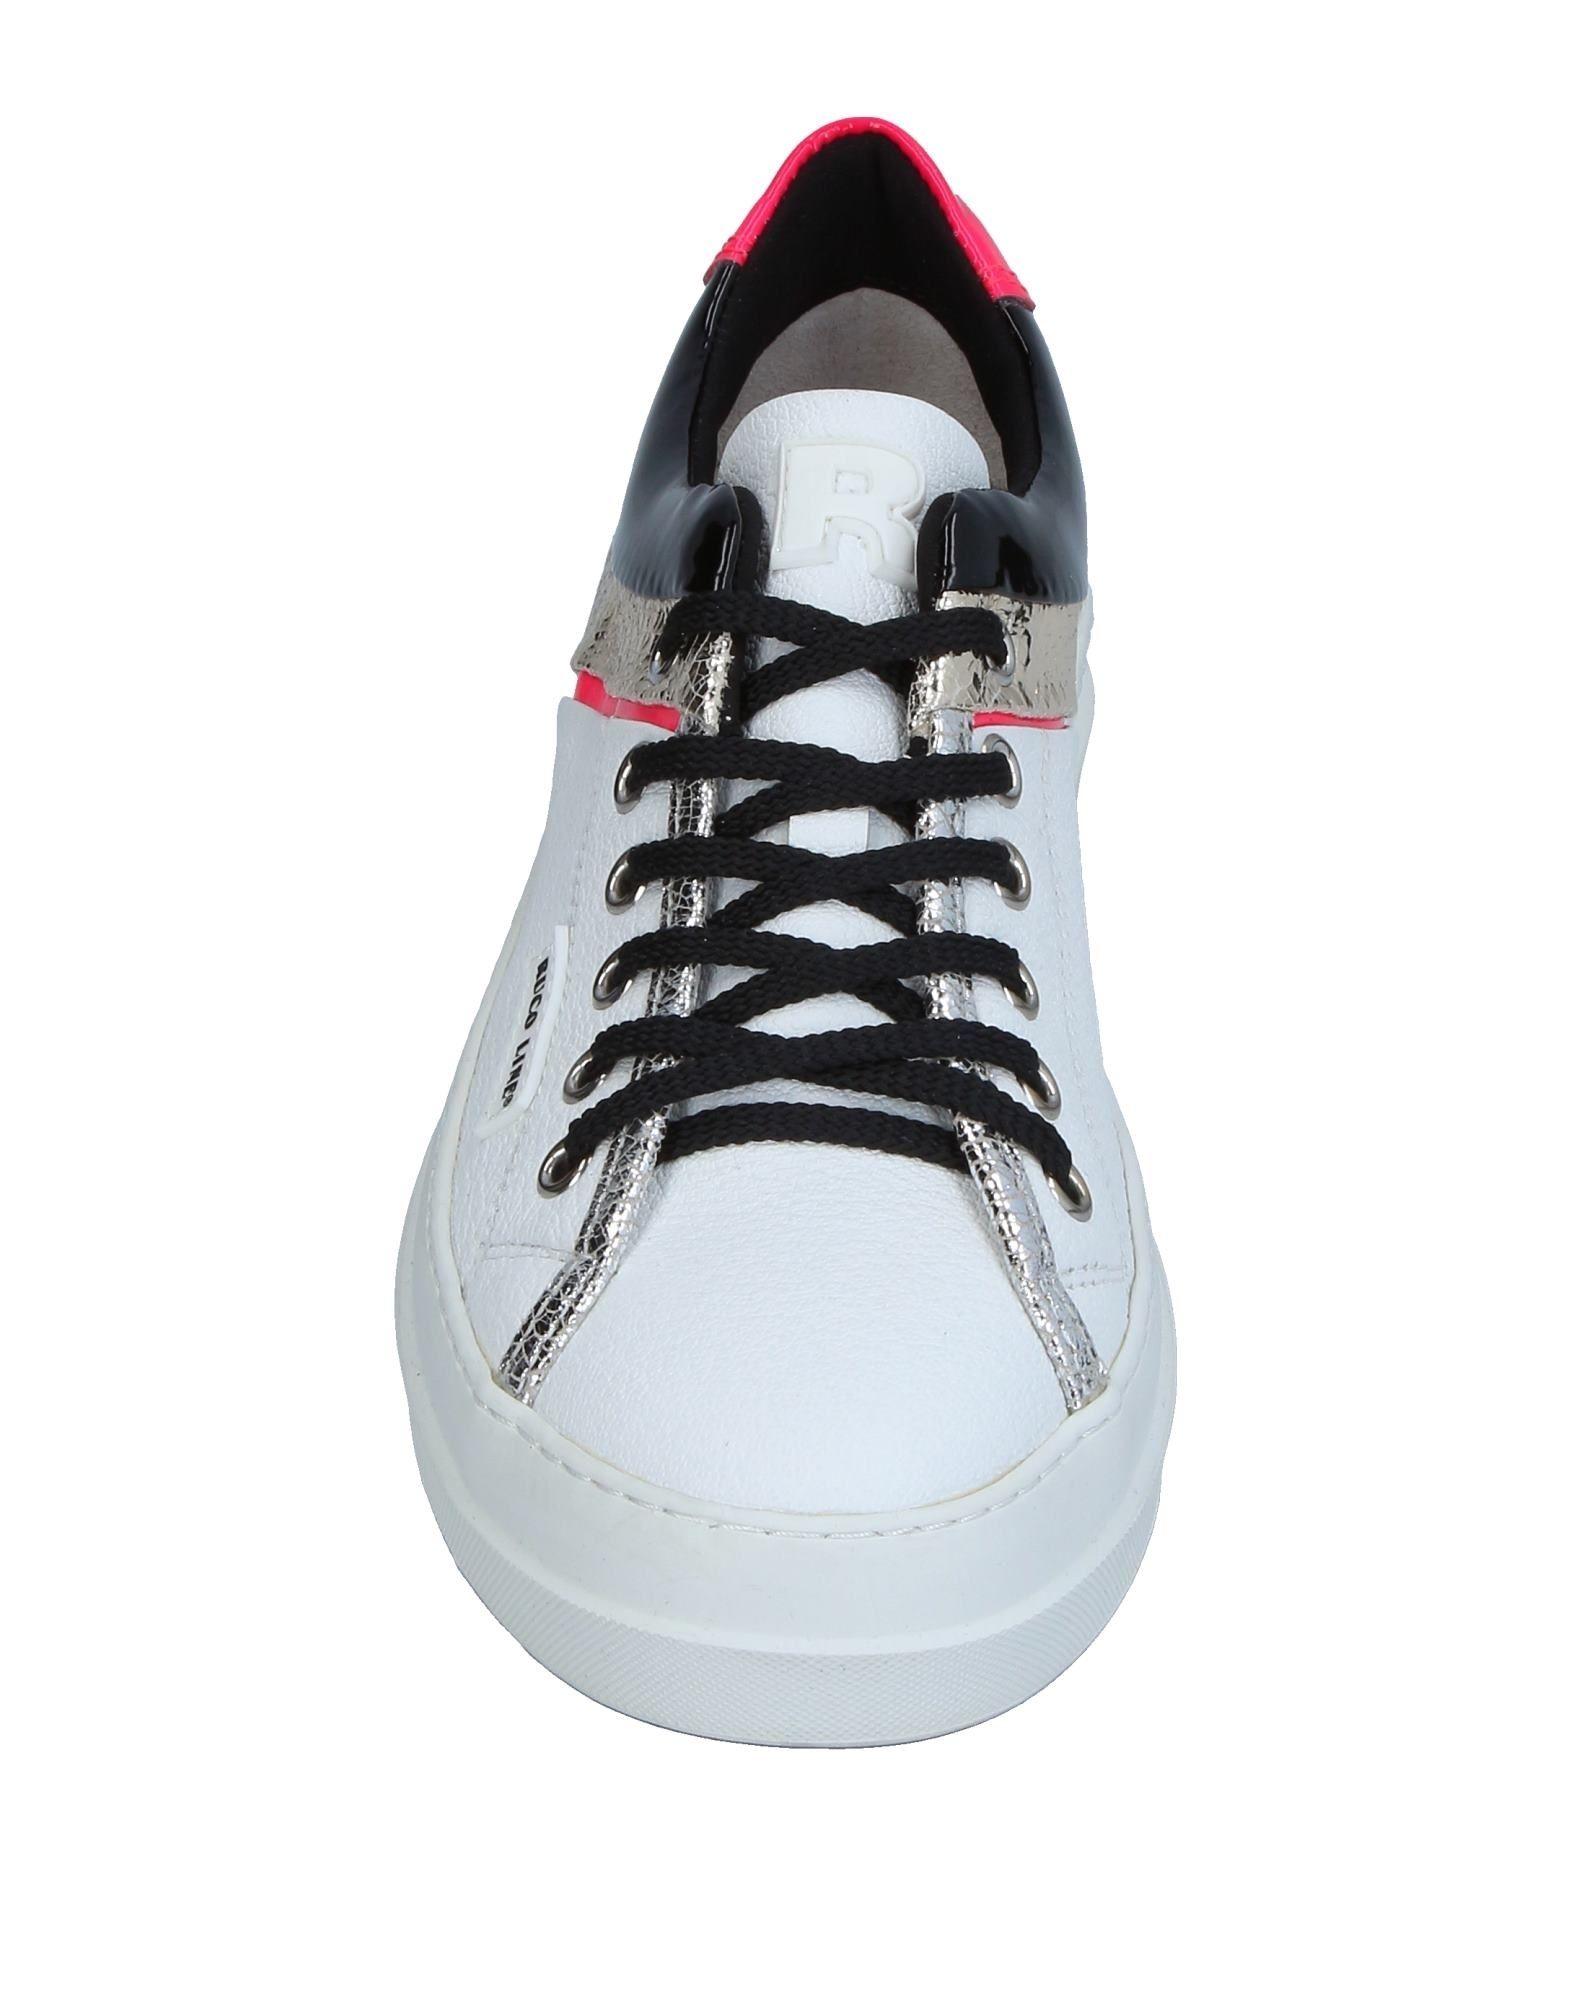 Ruco Line Sneakers Damen   Damen 11335224SS Gute Qualität beliebte Schuhe 9aab35